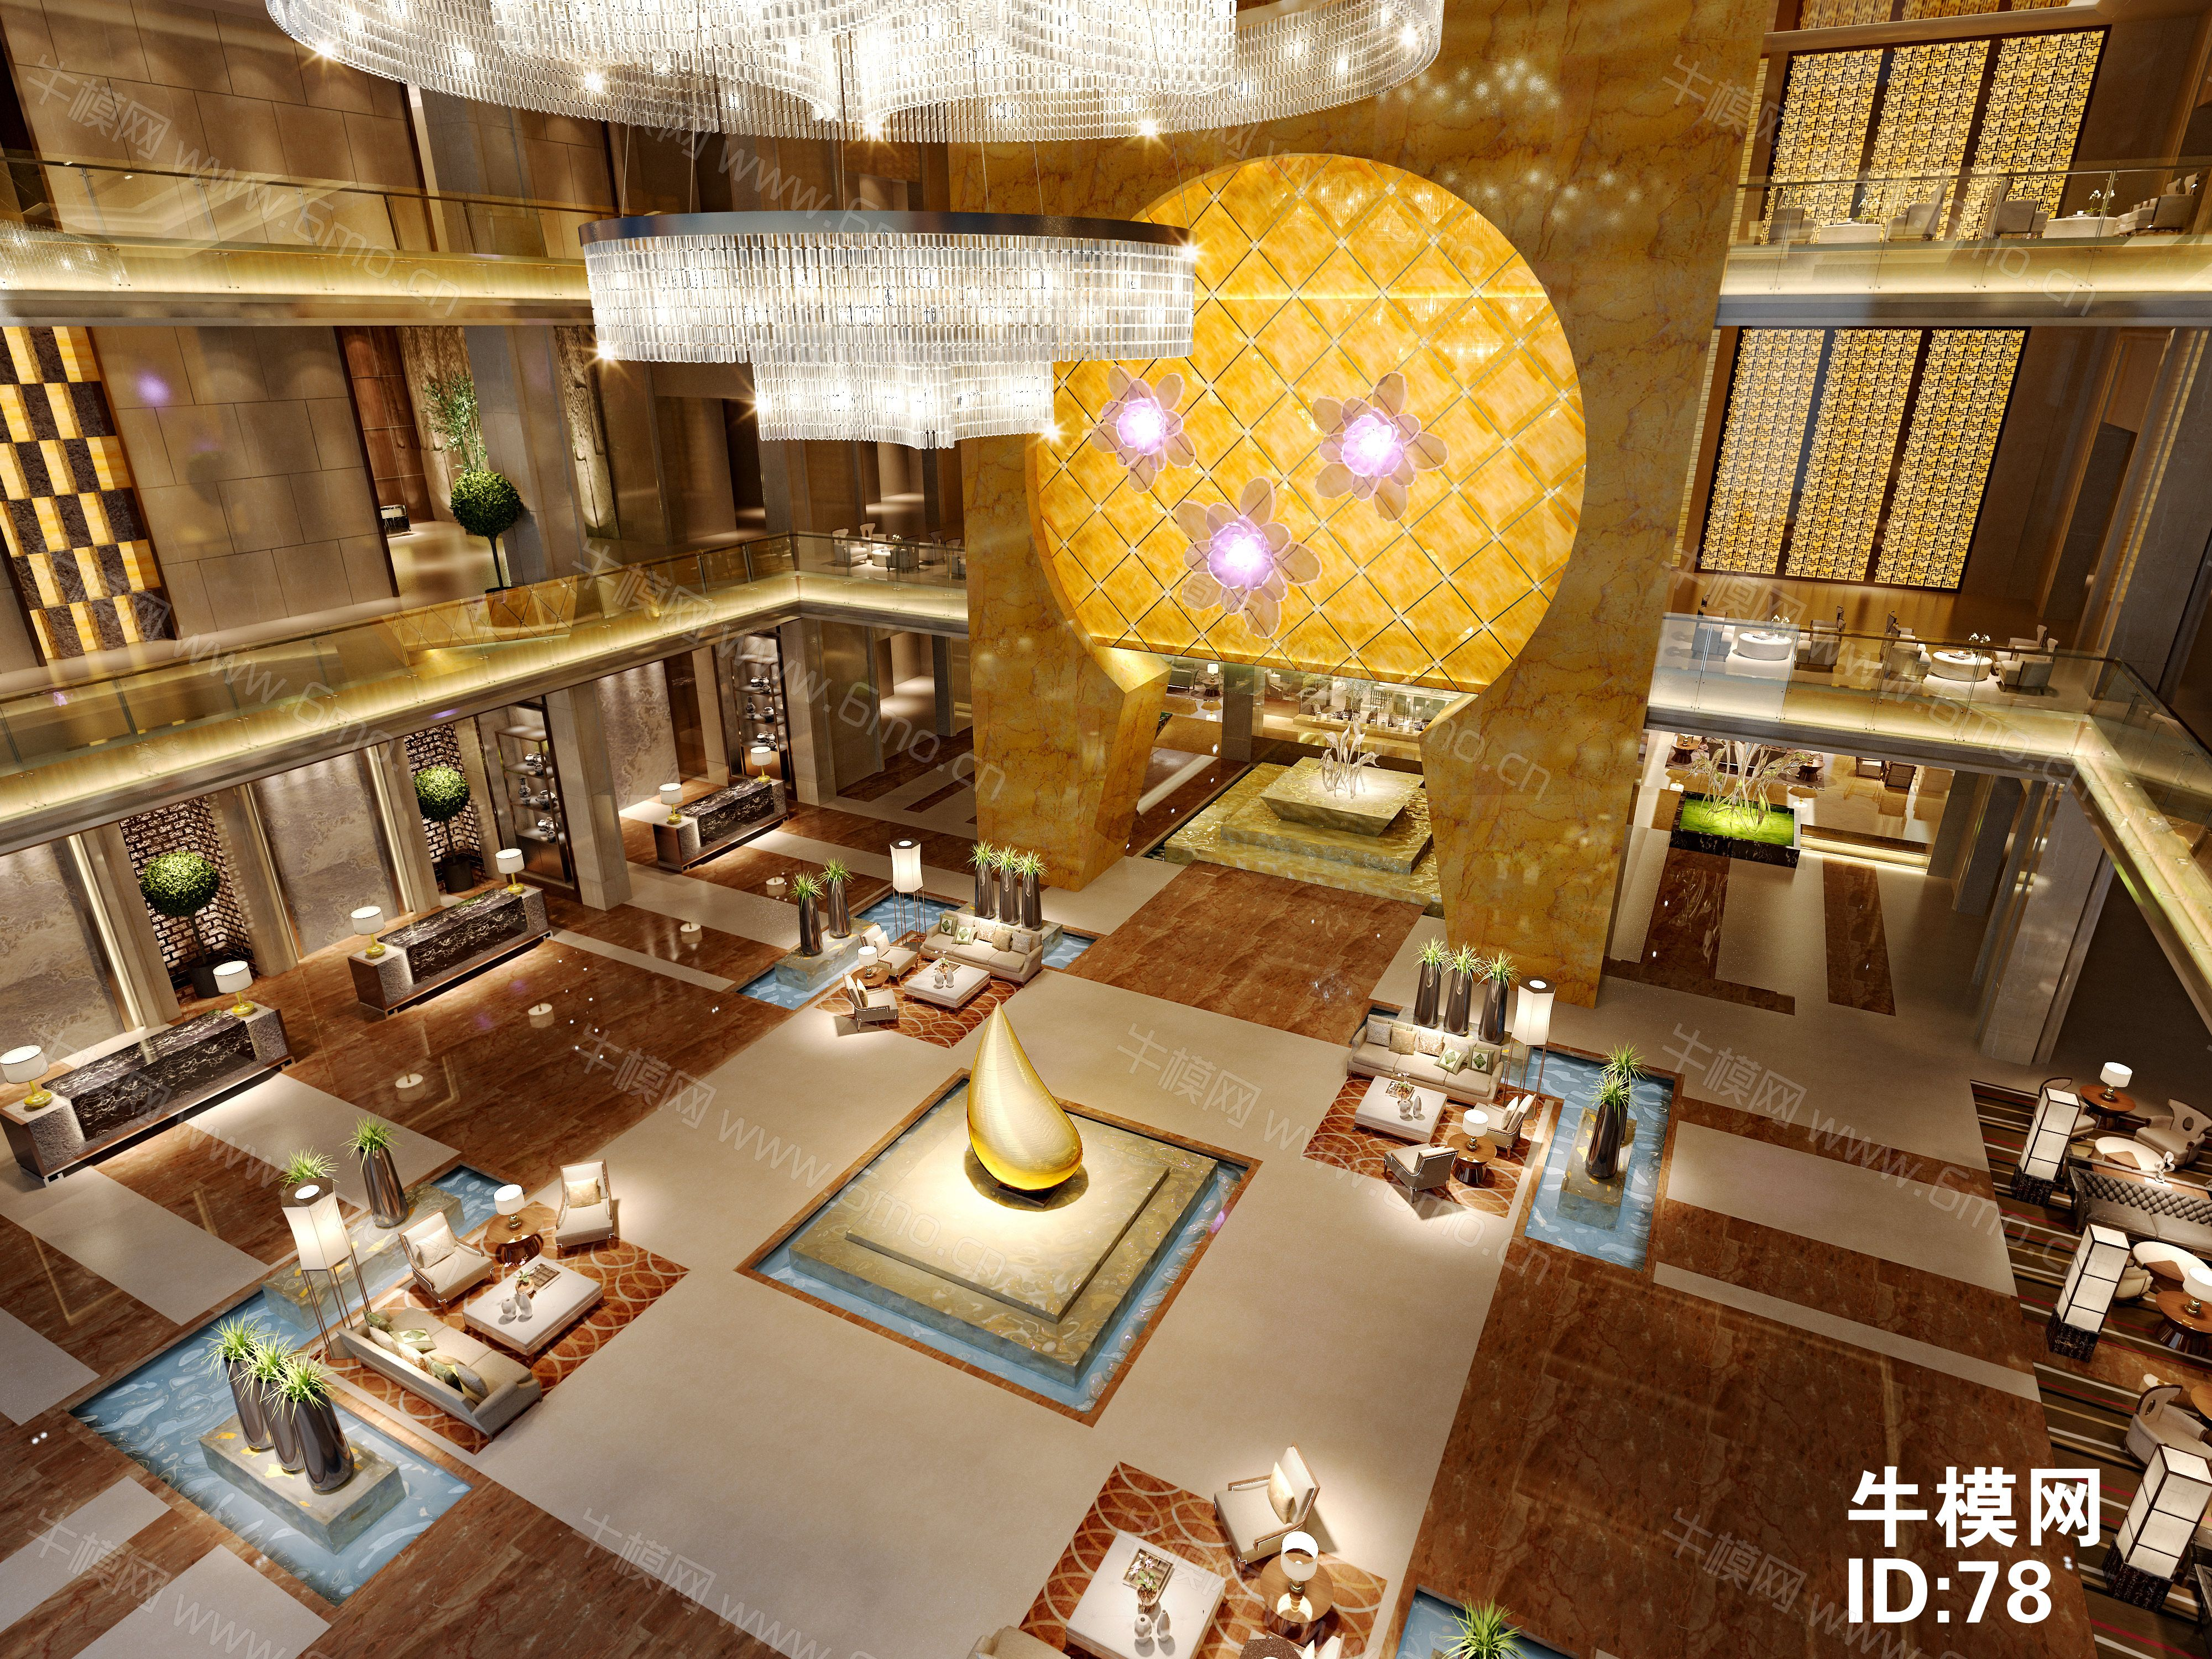 新中式酒楼接待休息区下载